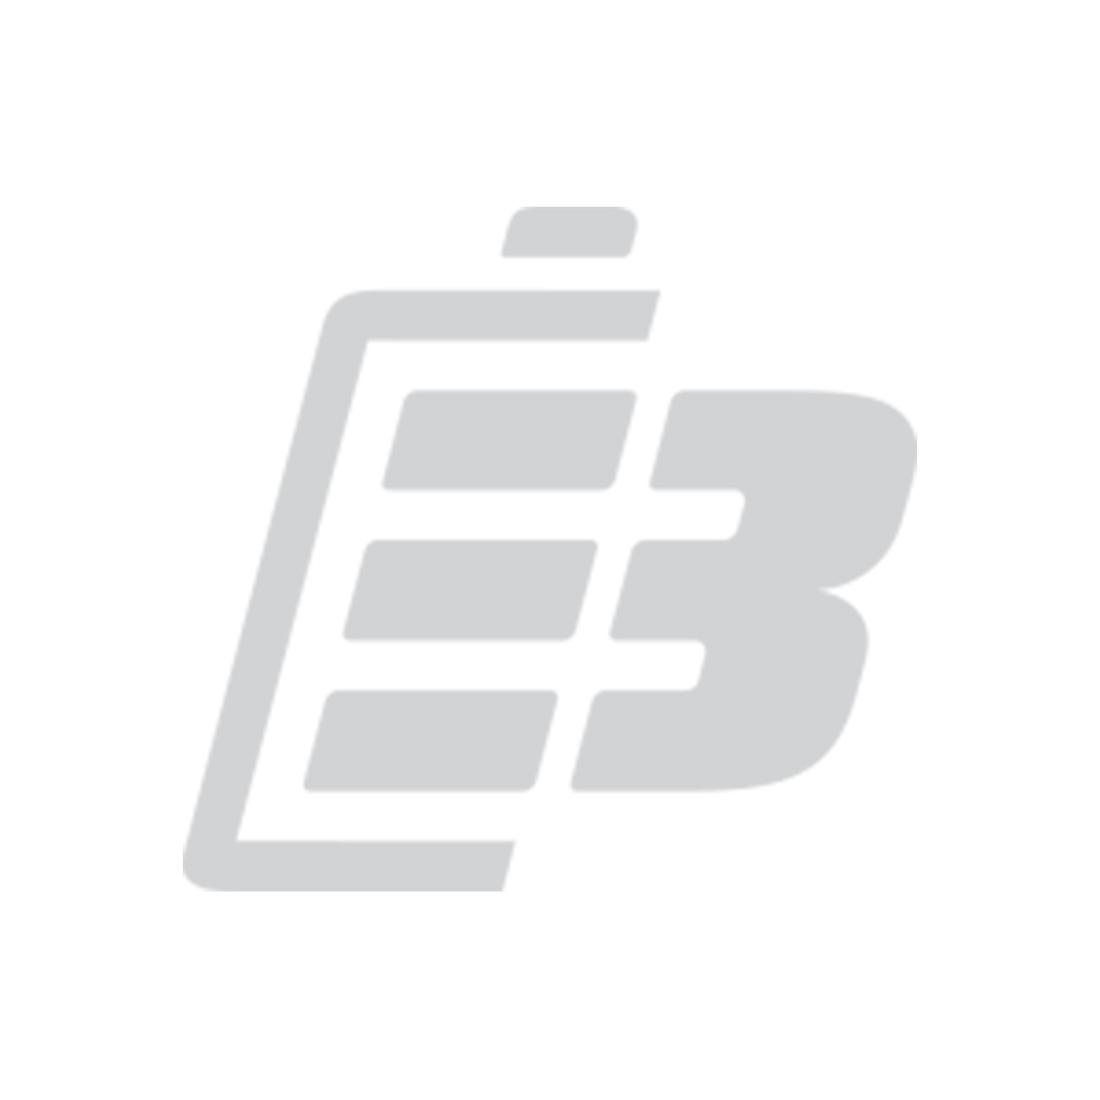 Μπαταρία tablet Samsung Galaxy Tab 8.9_1